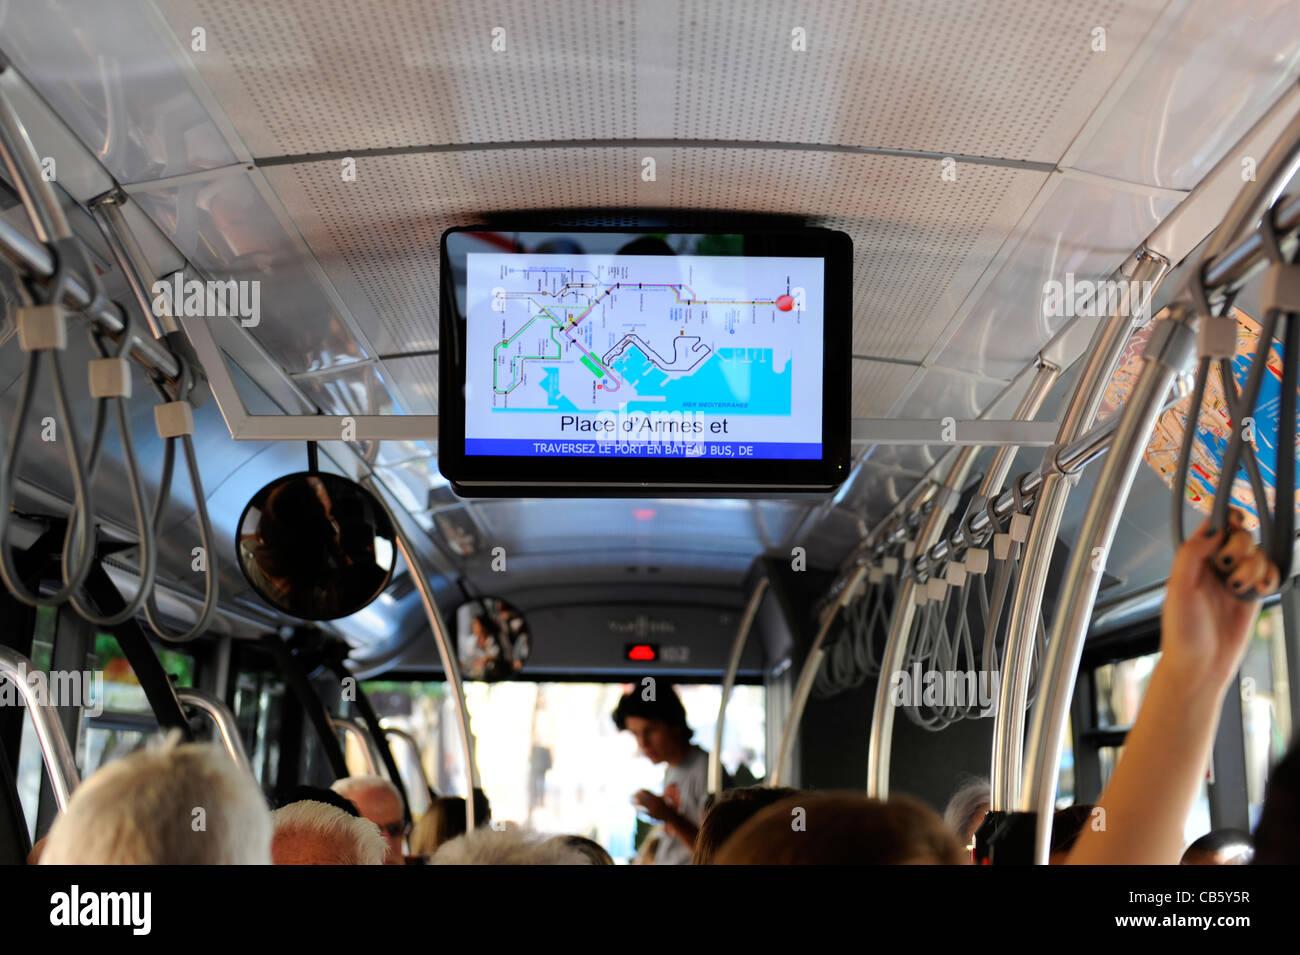 Transport en commun Autobus Ordinateur Moniteur Monte Carlo Monaco Principauté d'Azur Méditerranée Photo Stock